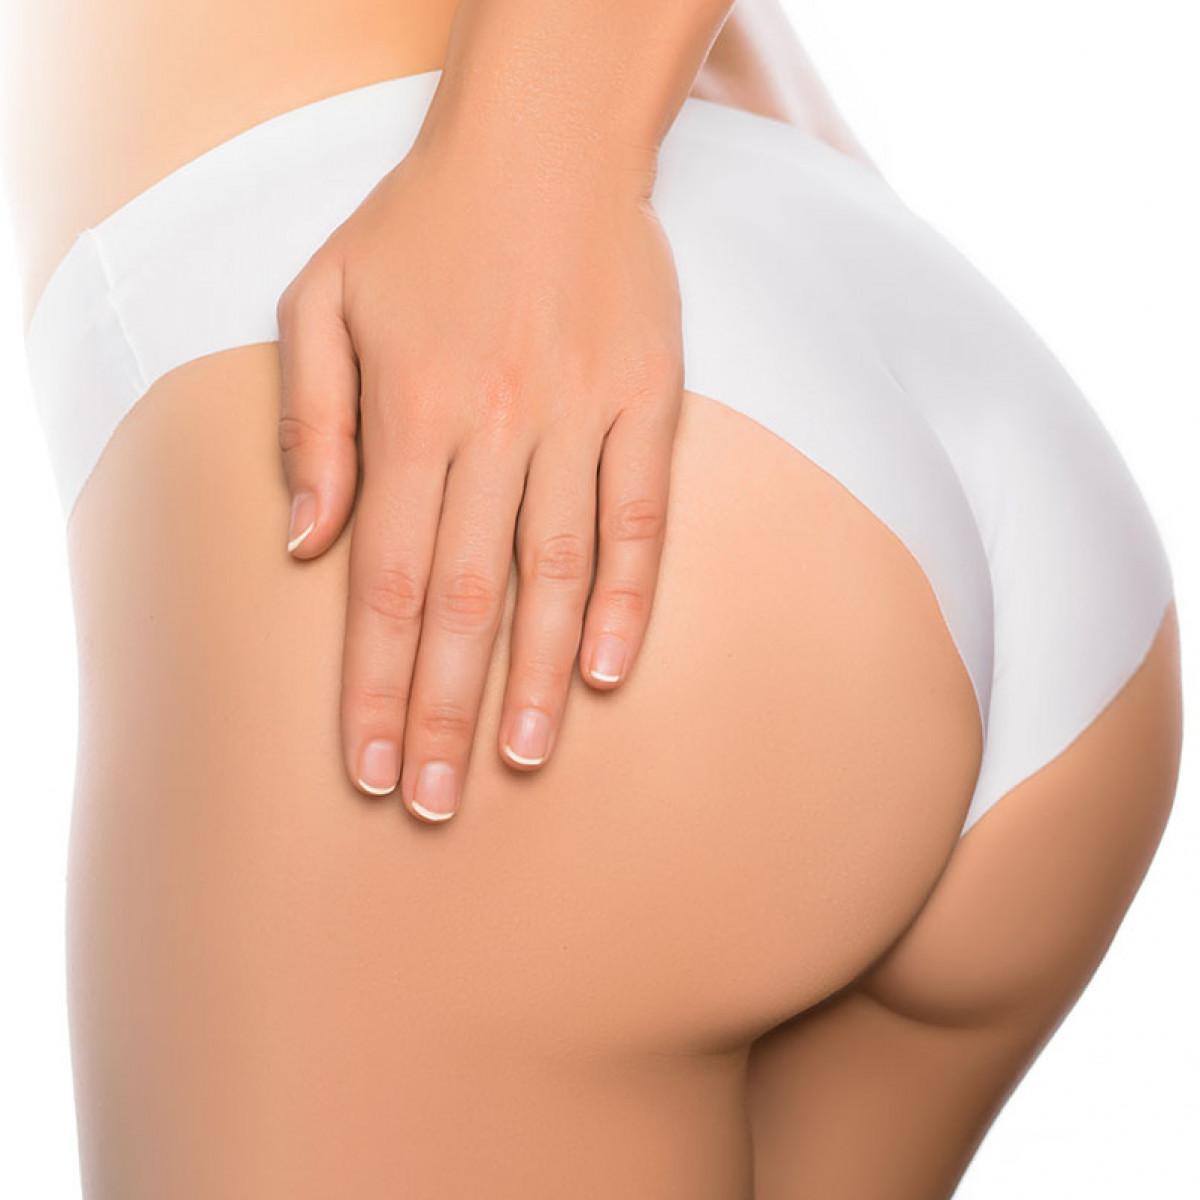 Chất liệu độn mông đảm bảo an toàn tuyệt đối